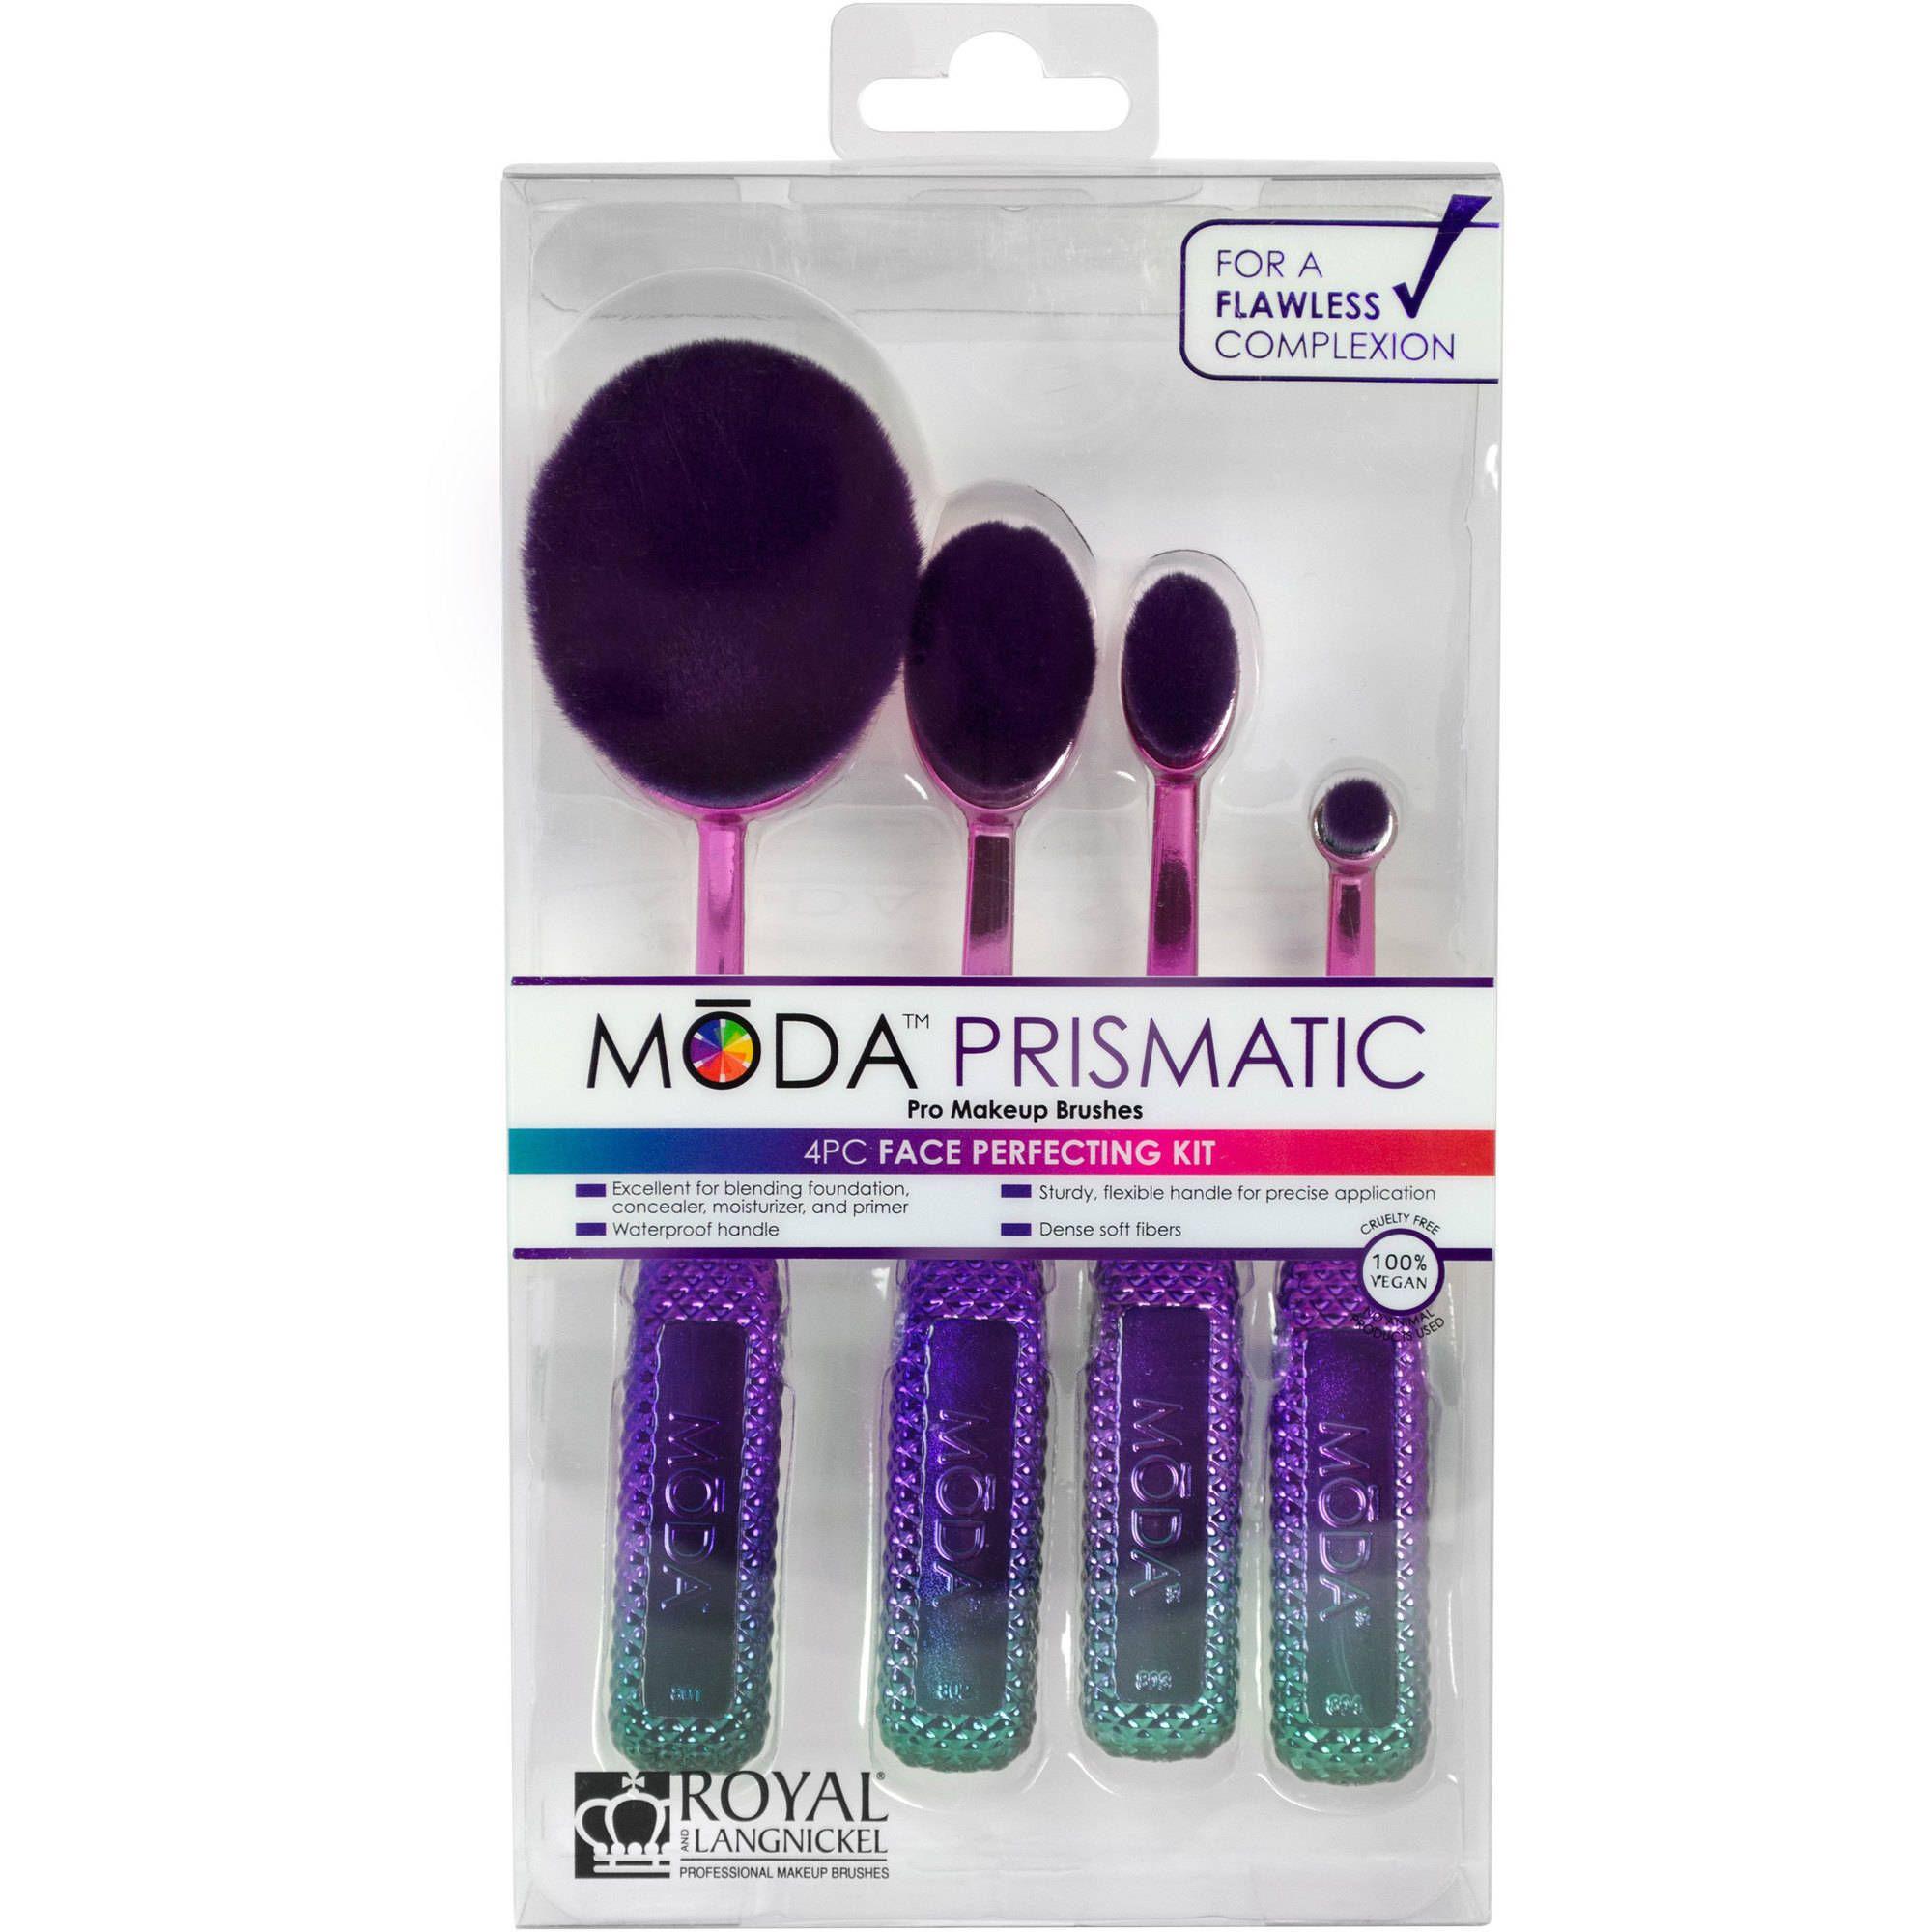 Beauty Makeup blending, Makeup brushes, Makeup